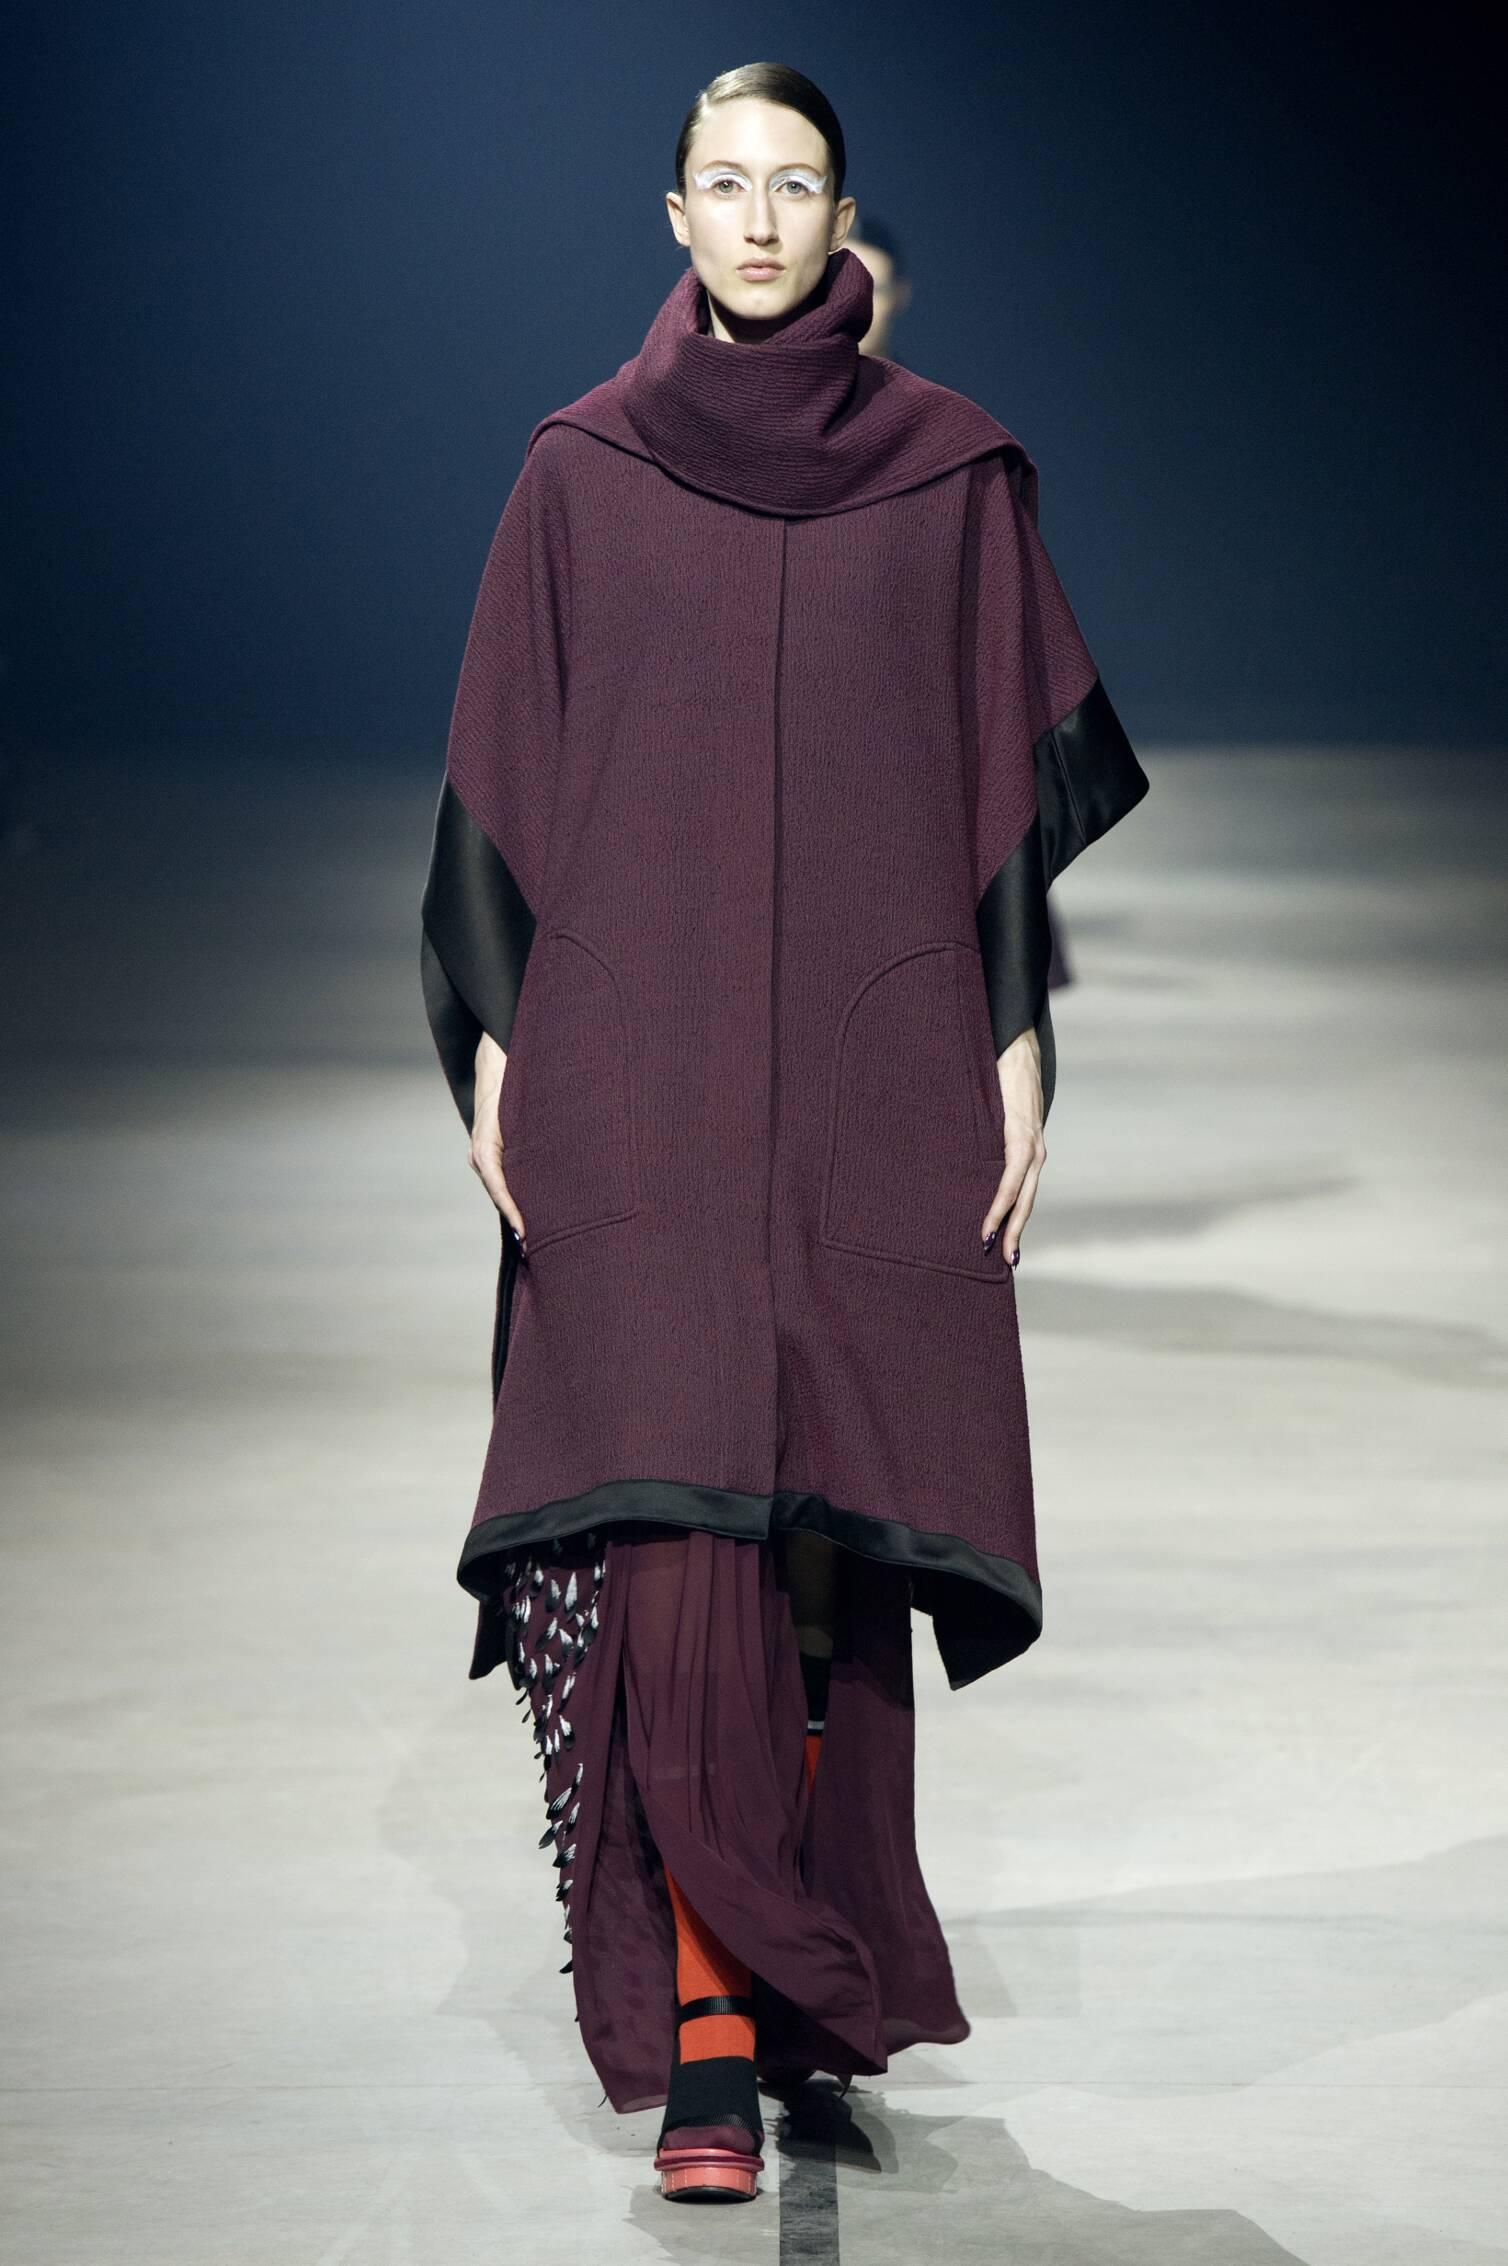 Kenzo Collection Woman Paris Fashion Week